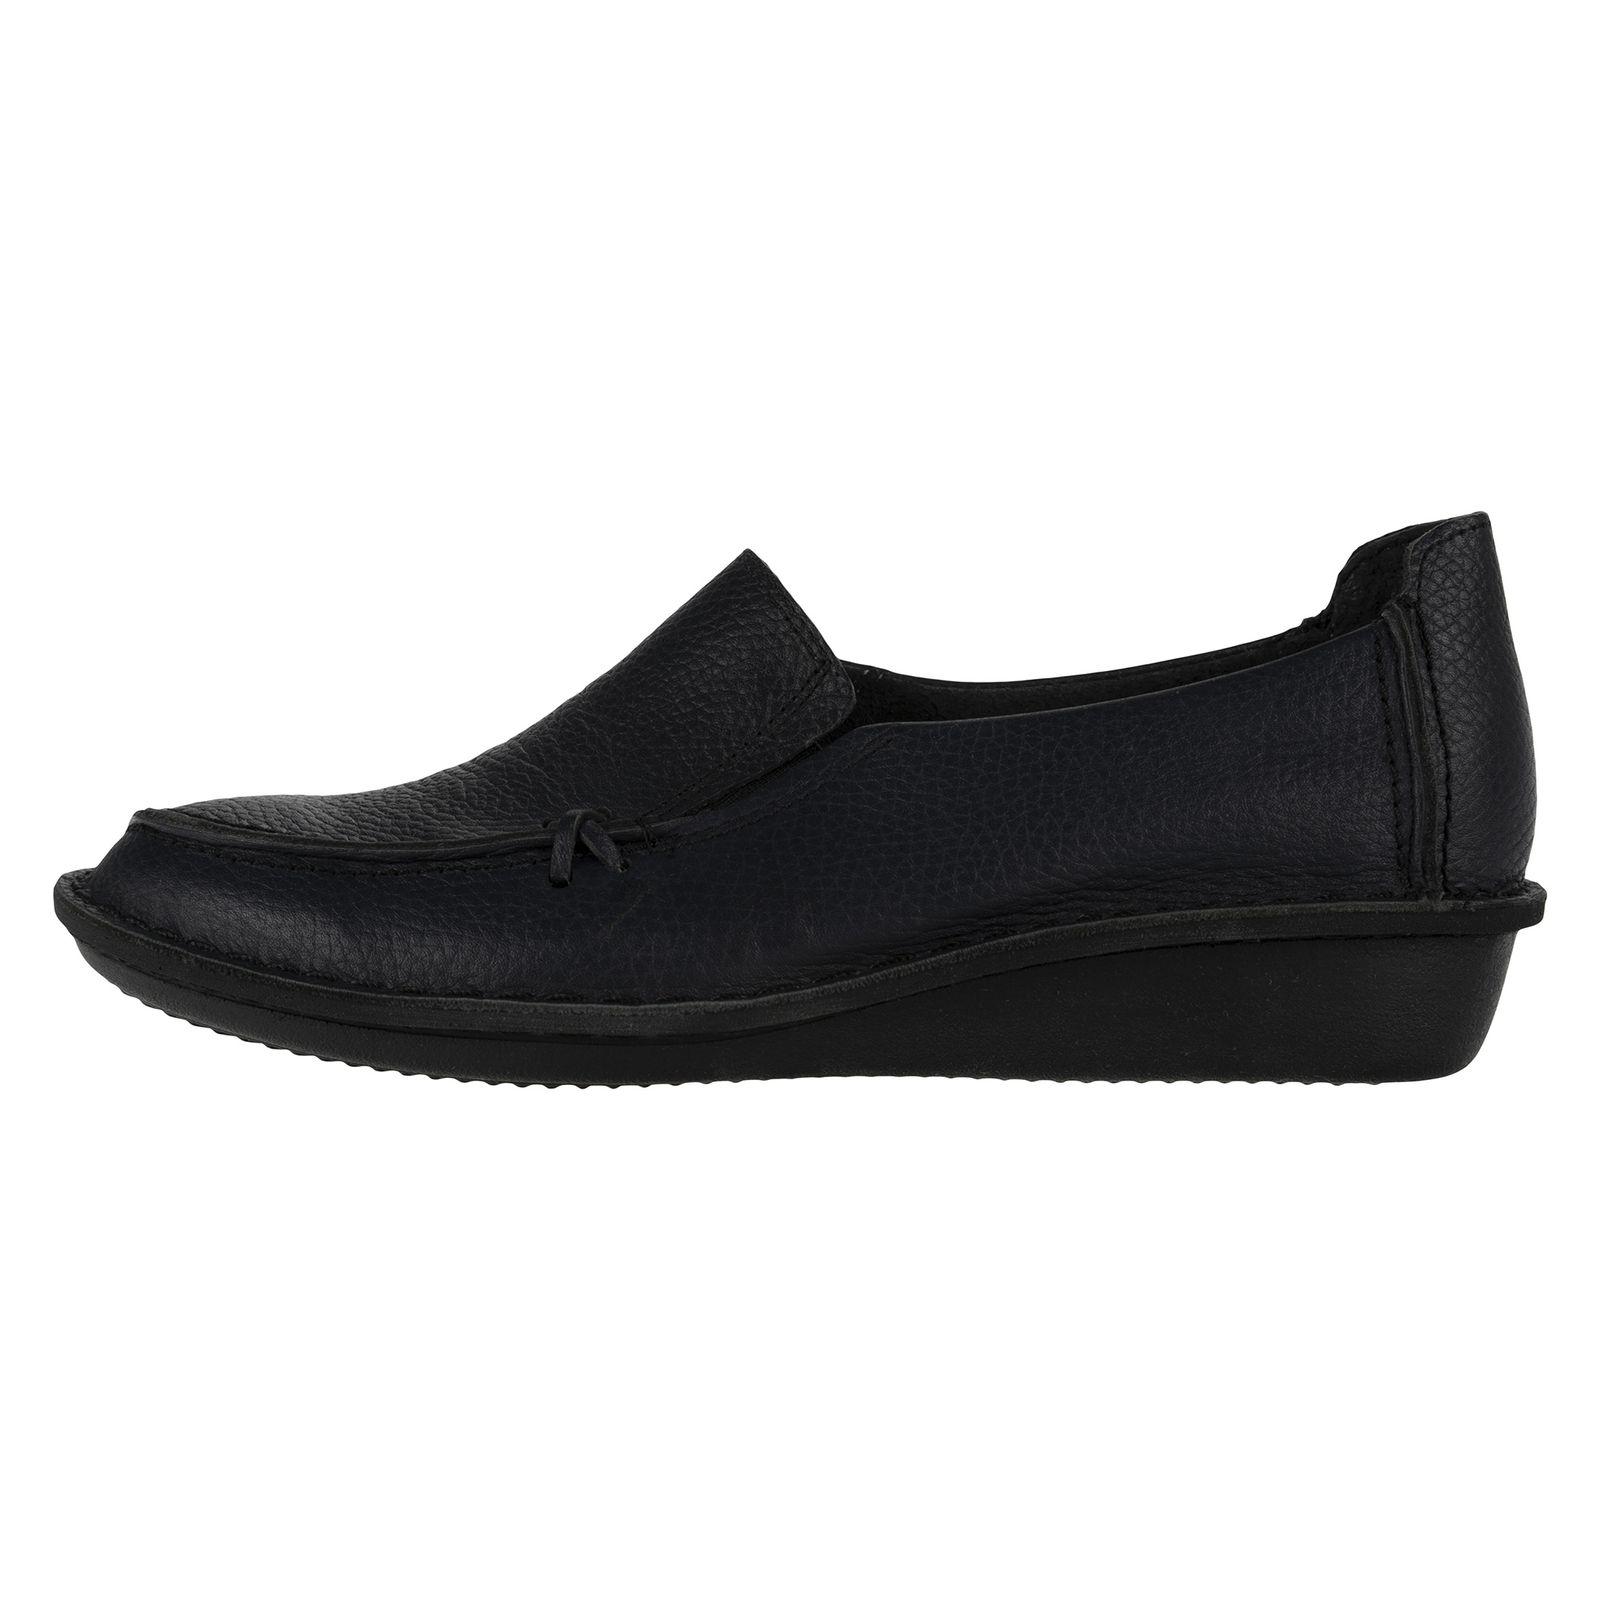 کفش روزمره زنانه دلفارد مدل DL5034F500-103 -  - 2